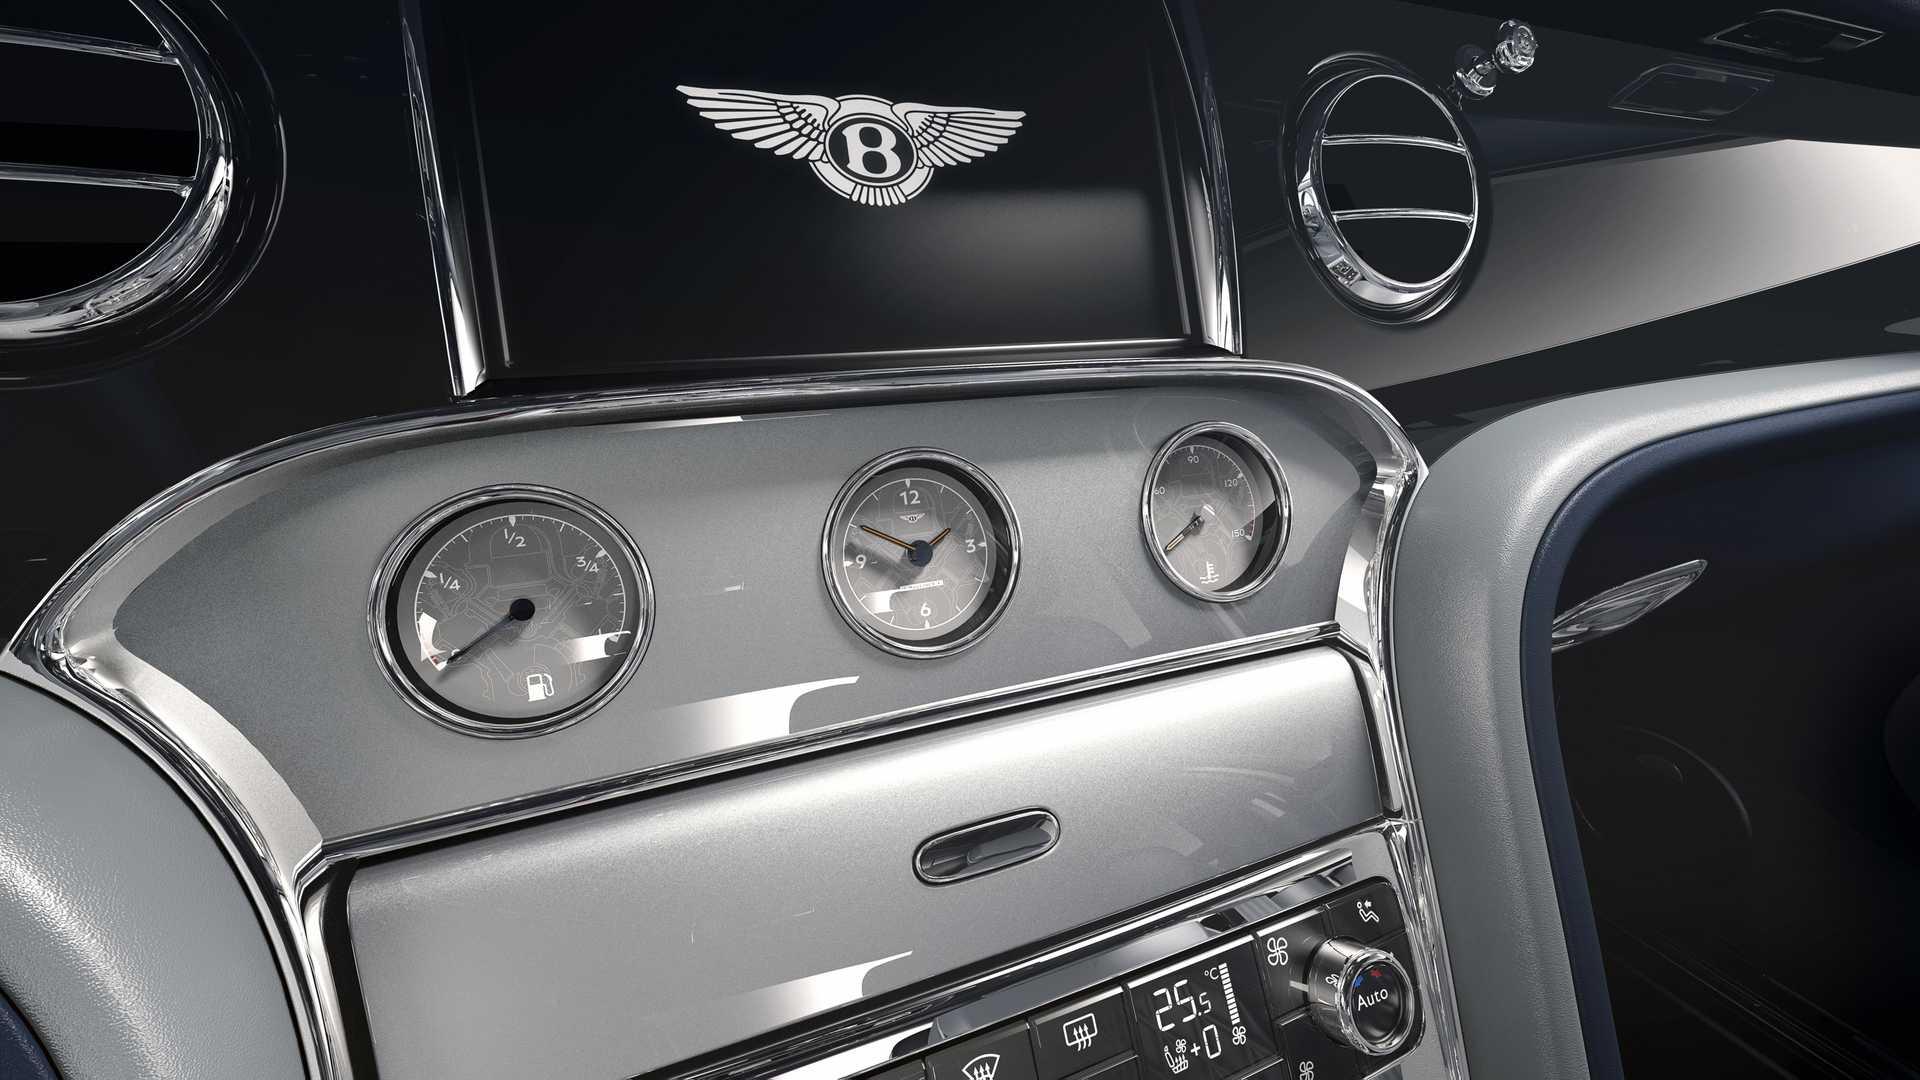 Bentley Mulsanne 6.75 Edition, mạnh 530 mã lực, phiên bản giới hạn 50 chiếc - 8